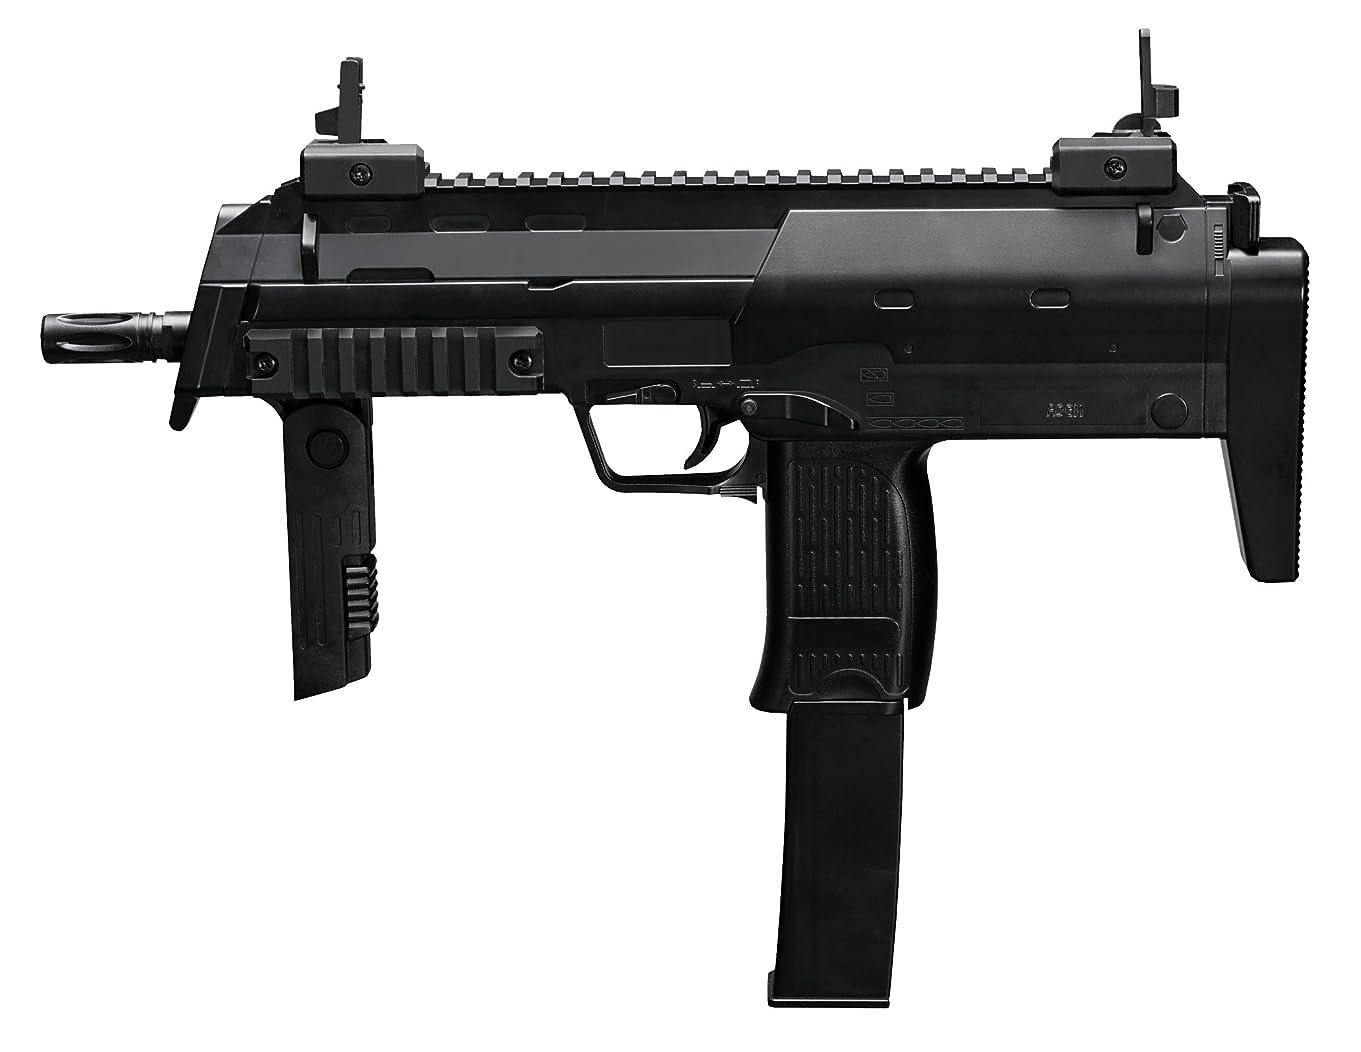 ねばねば持ってる珍味Classic Army (クラシックアーミー) DT-4 ダブルバレル M4 電動ガン【電子トリガーシステム搭載】